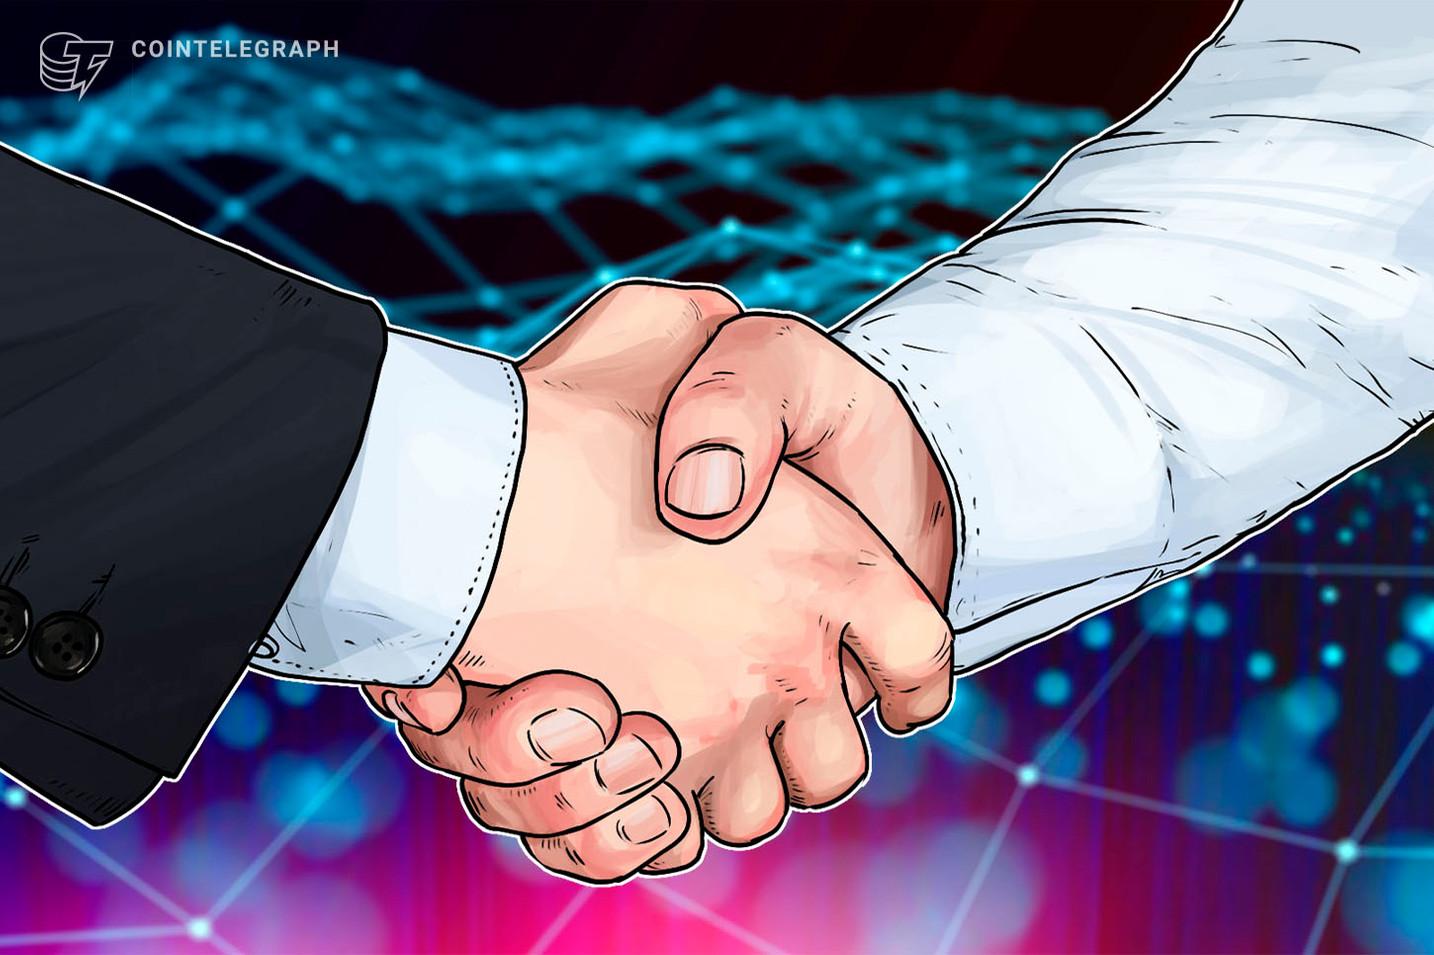 La canadese DMG Blockchain installa 1.000 nuovi miner di Bitcoin per un cliente statunitense